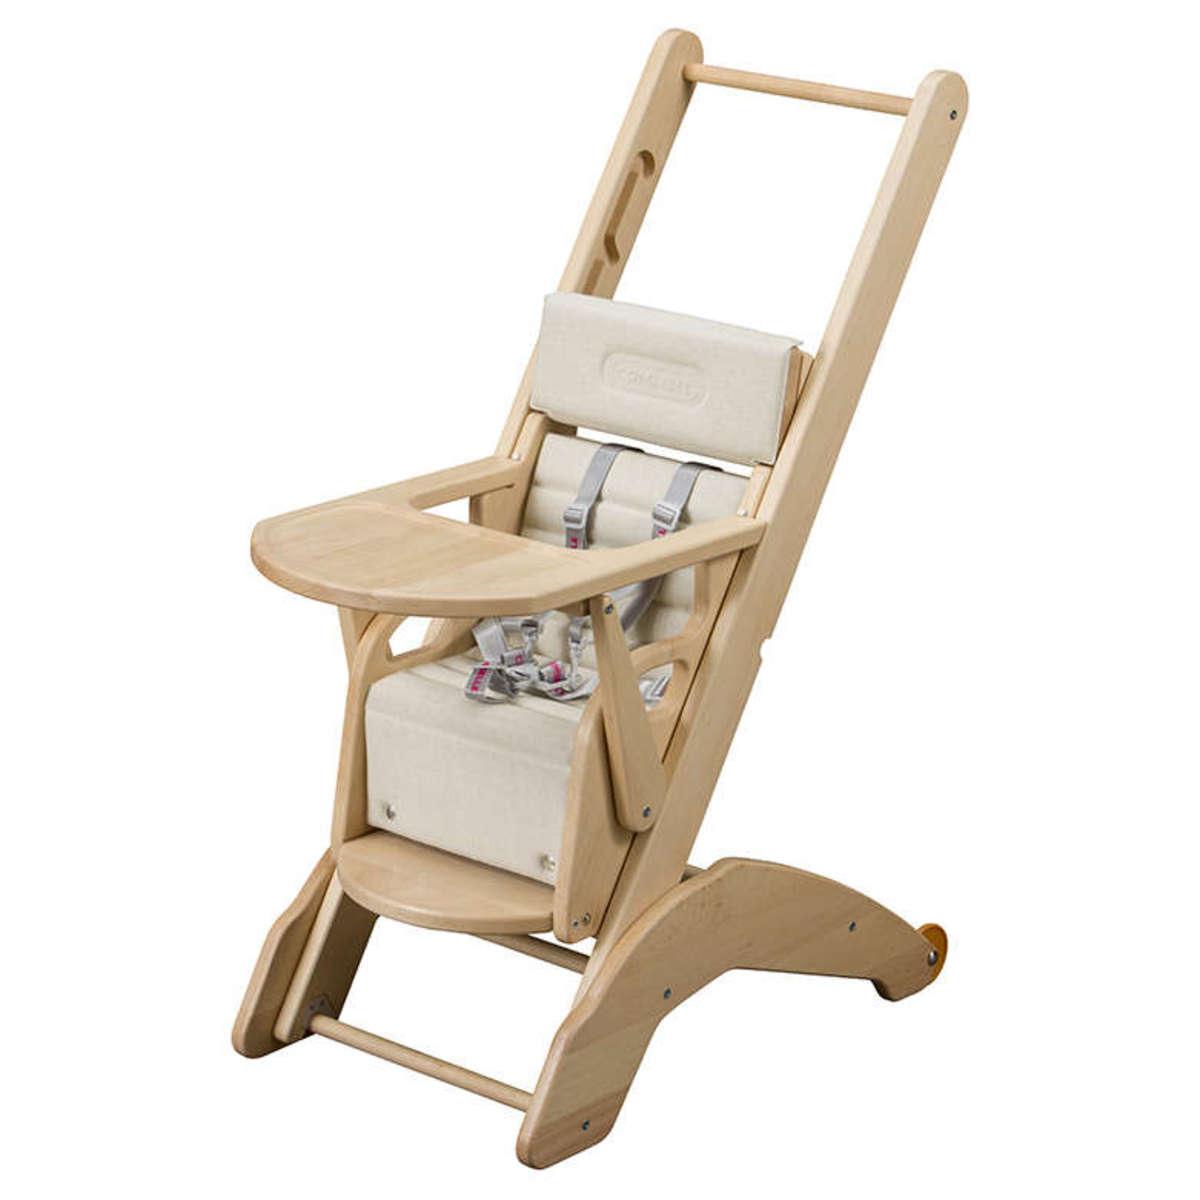 combelle chaise haute multipositions twenty one evo chaise haute combelle sur l 39 armoire de b b. Black Bedroom Furniture Sets. Home Design Ideas